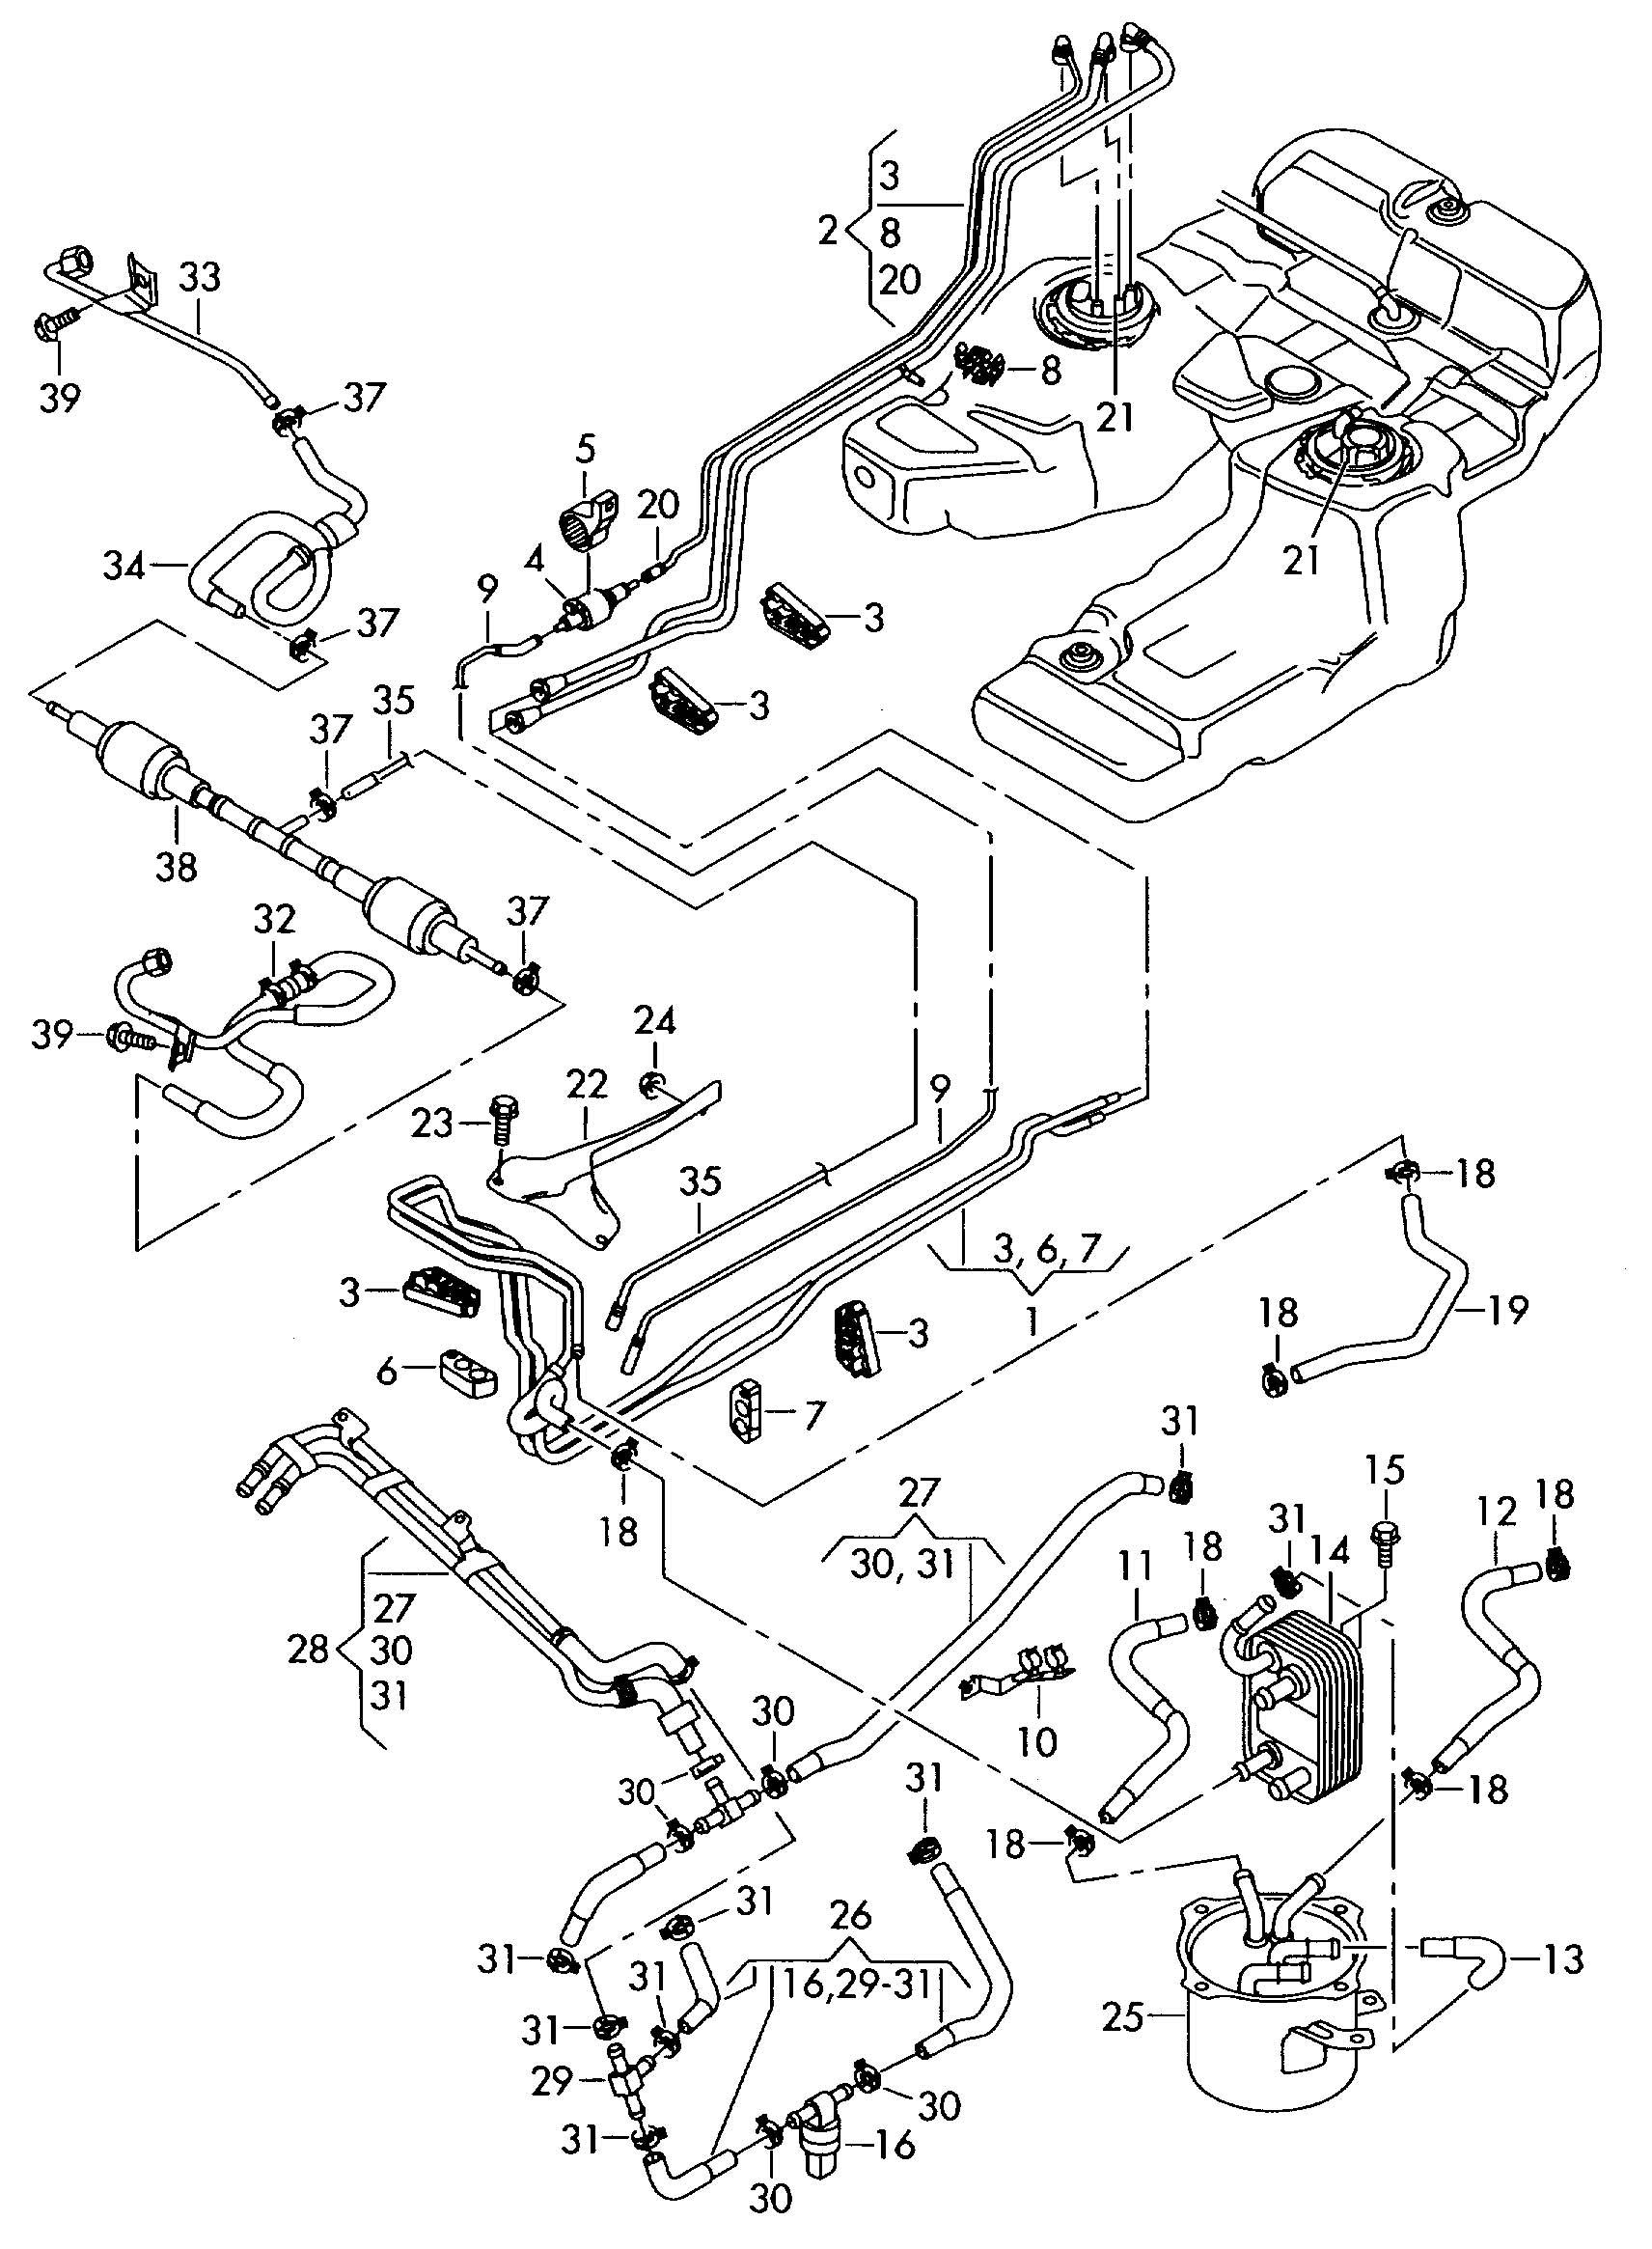 cabriolet fuel filter